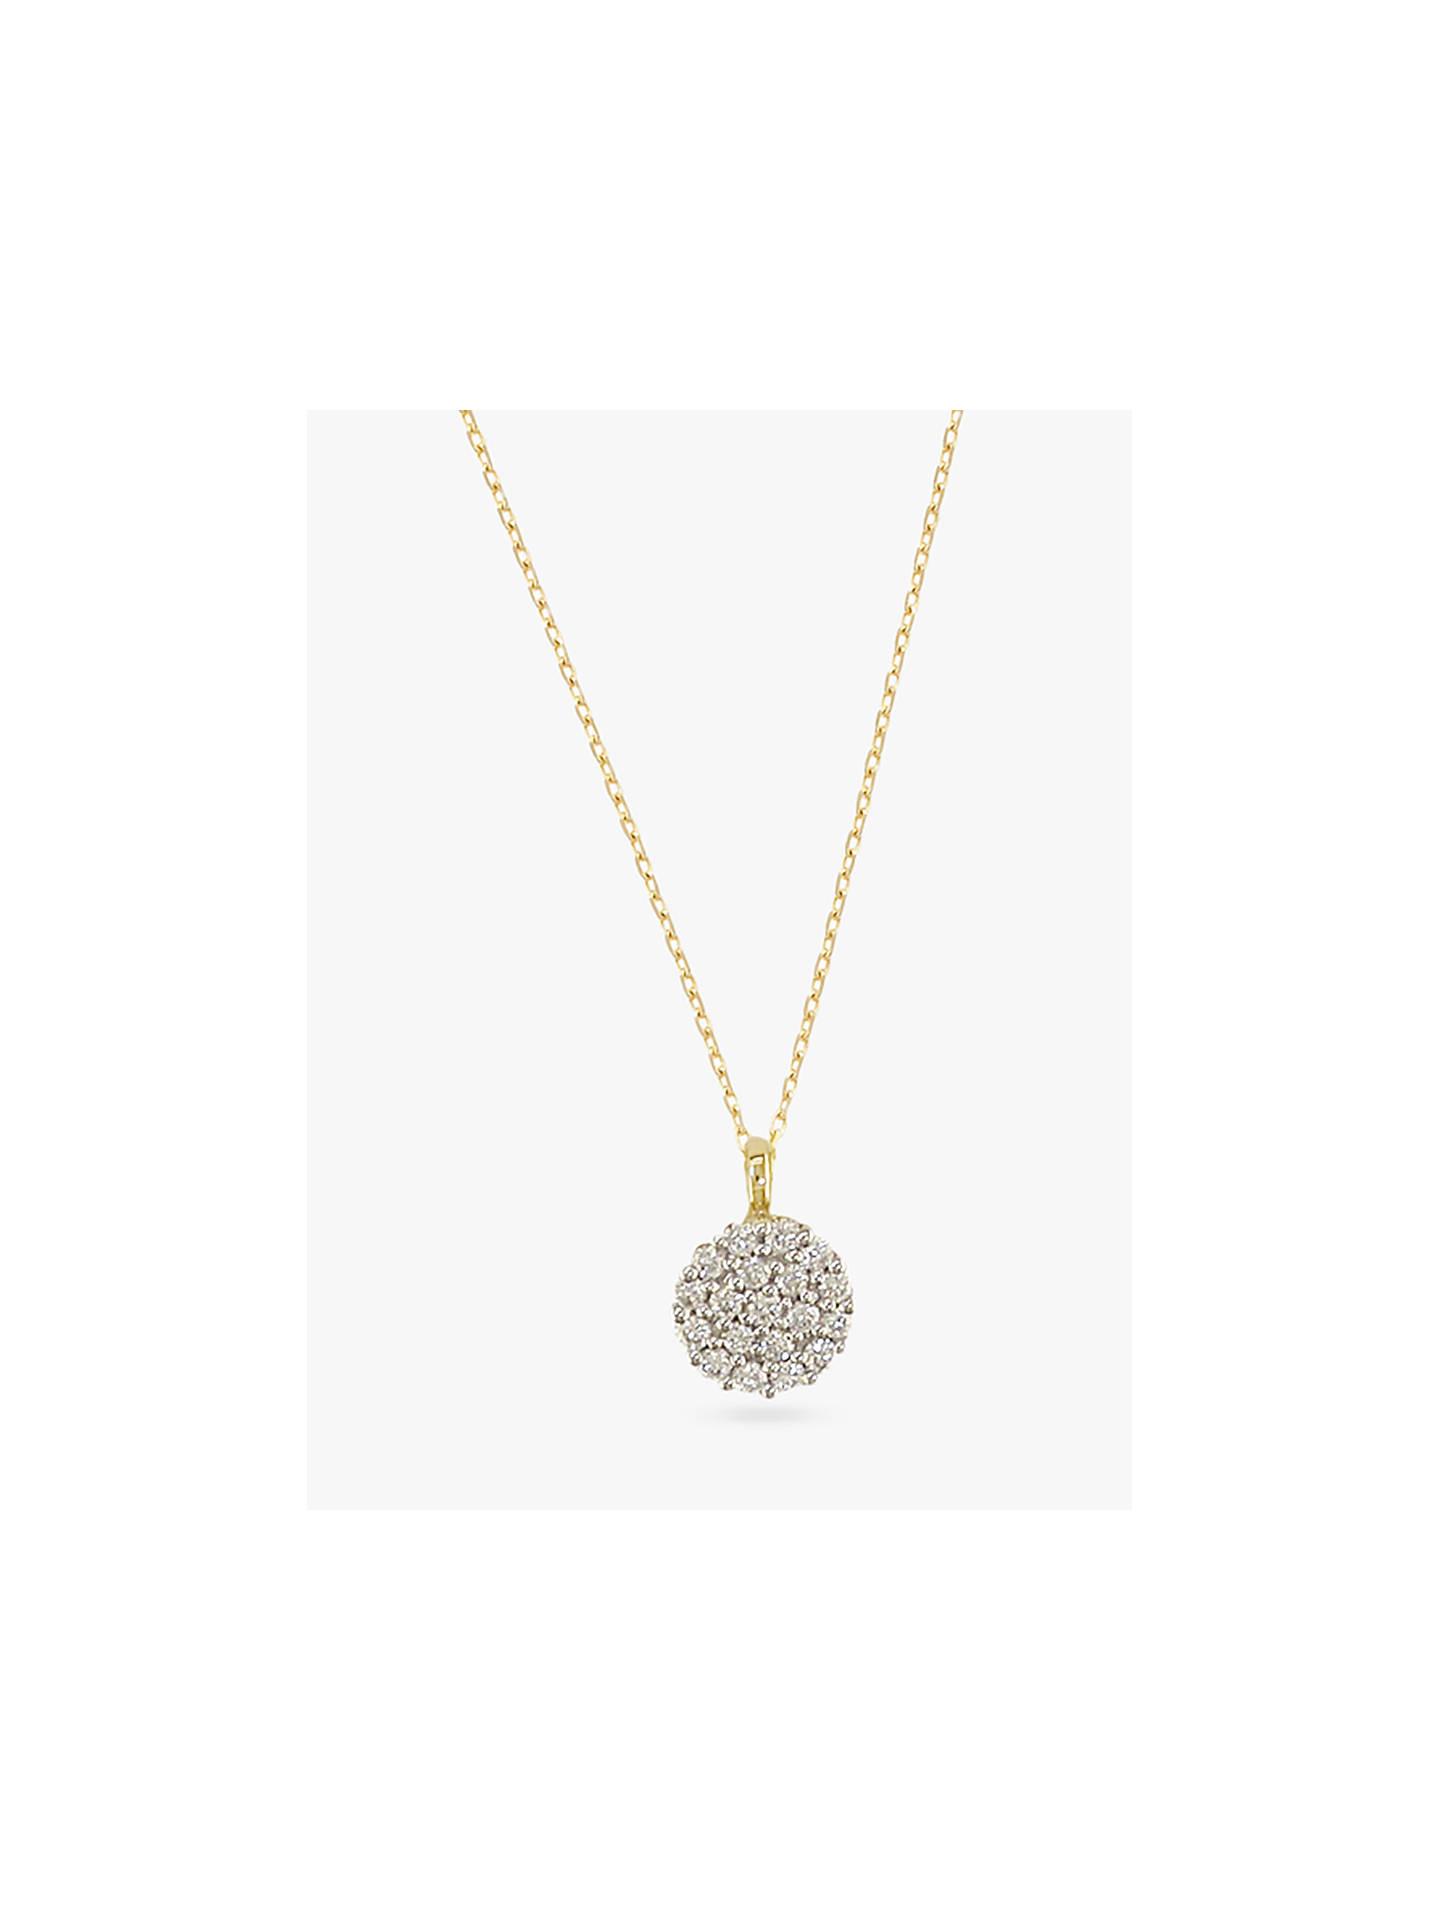 Ewa 18ct Yellow Gold Diamond Cluster Pendant Necklace, Yellow Gold by Ewa